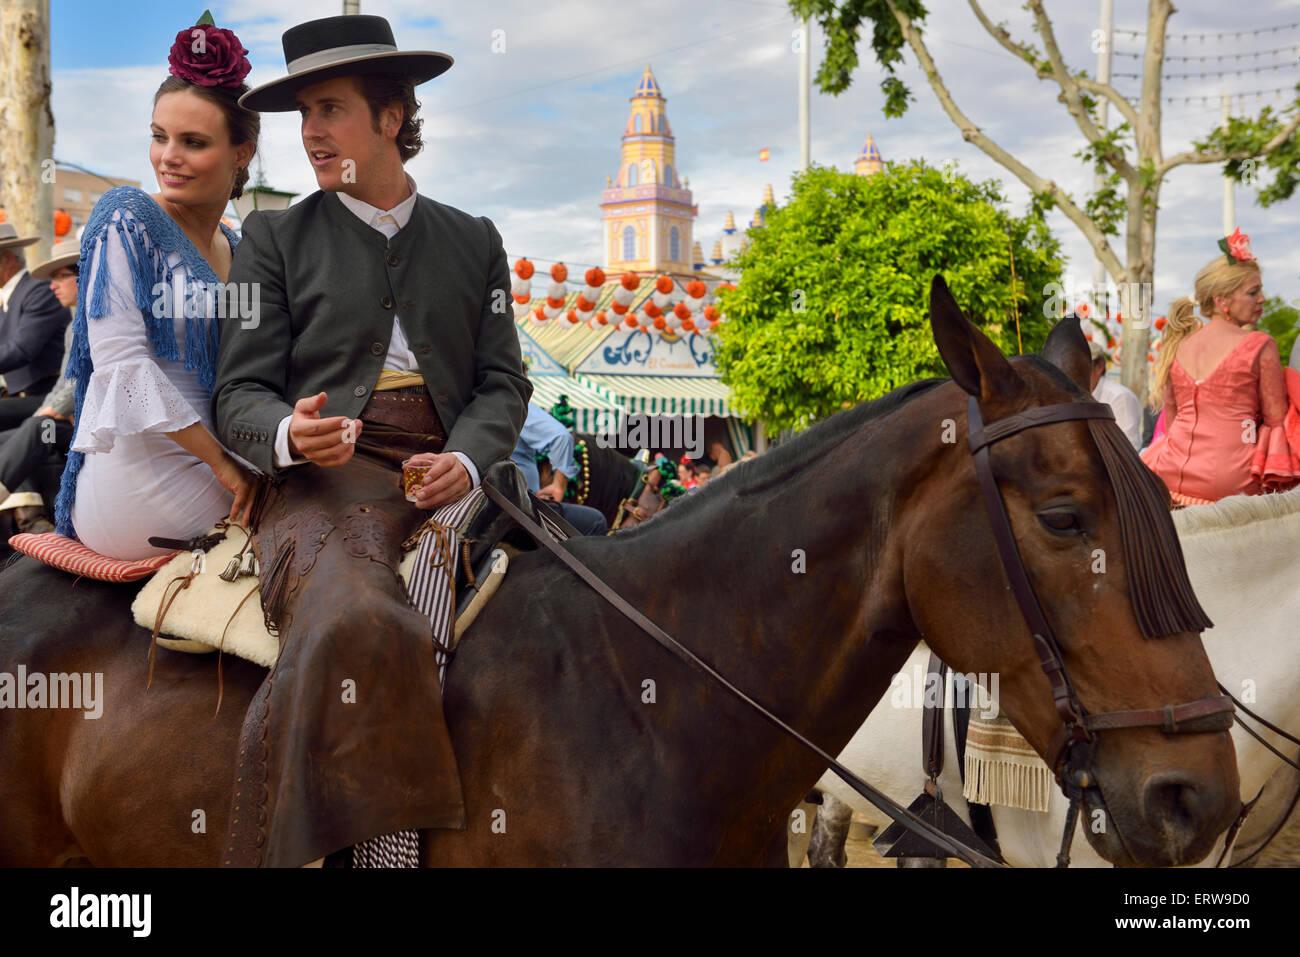 Bel homme et belle femme buvant à cheval avec 2015 entrée principale de la foire d'Avril de Séville Photo Stock